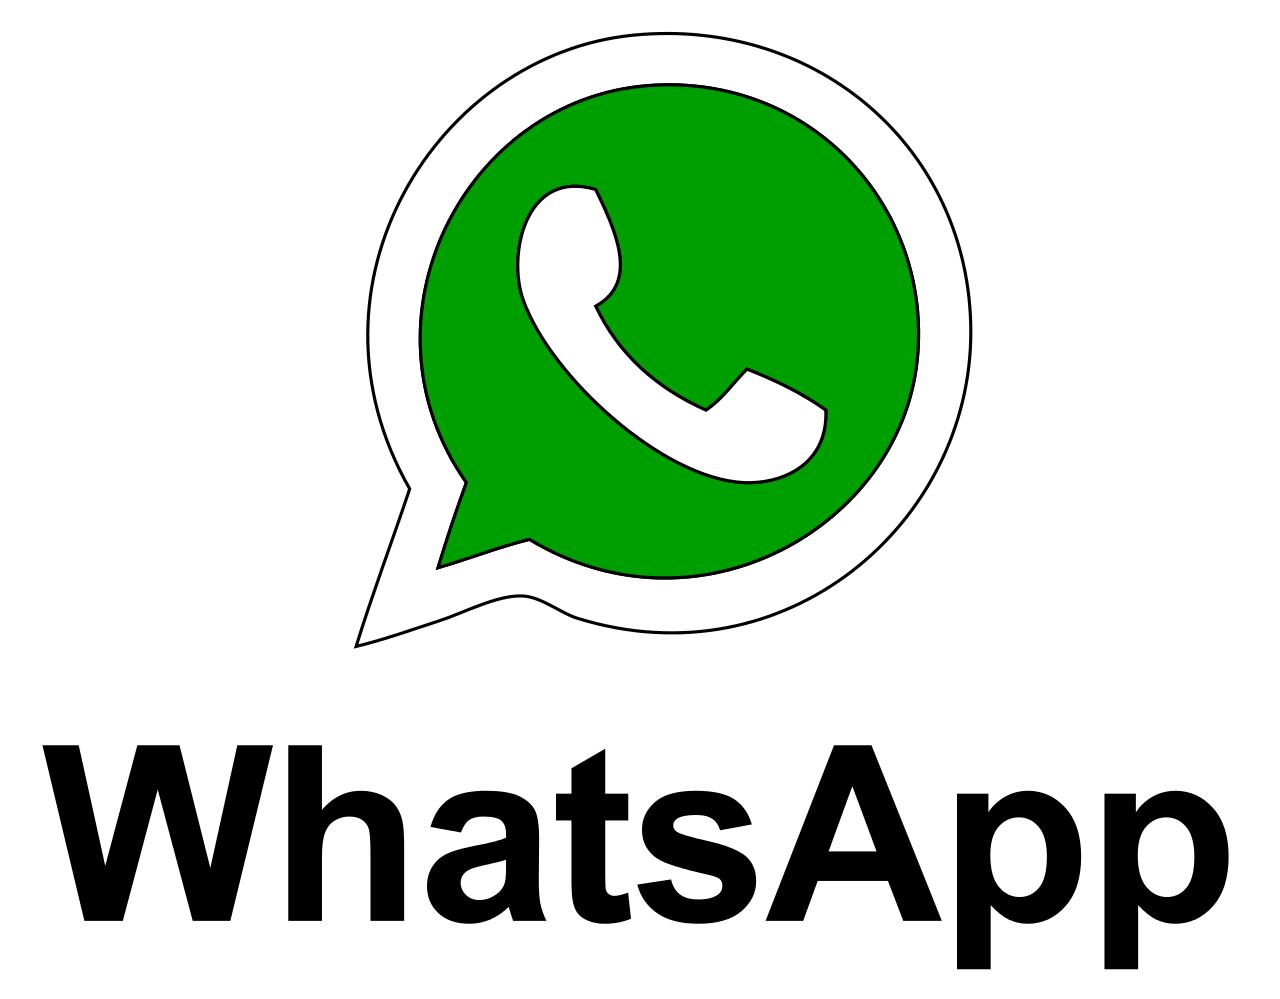 Problemas no Whatsapp